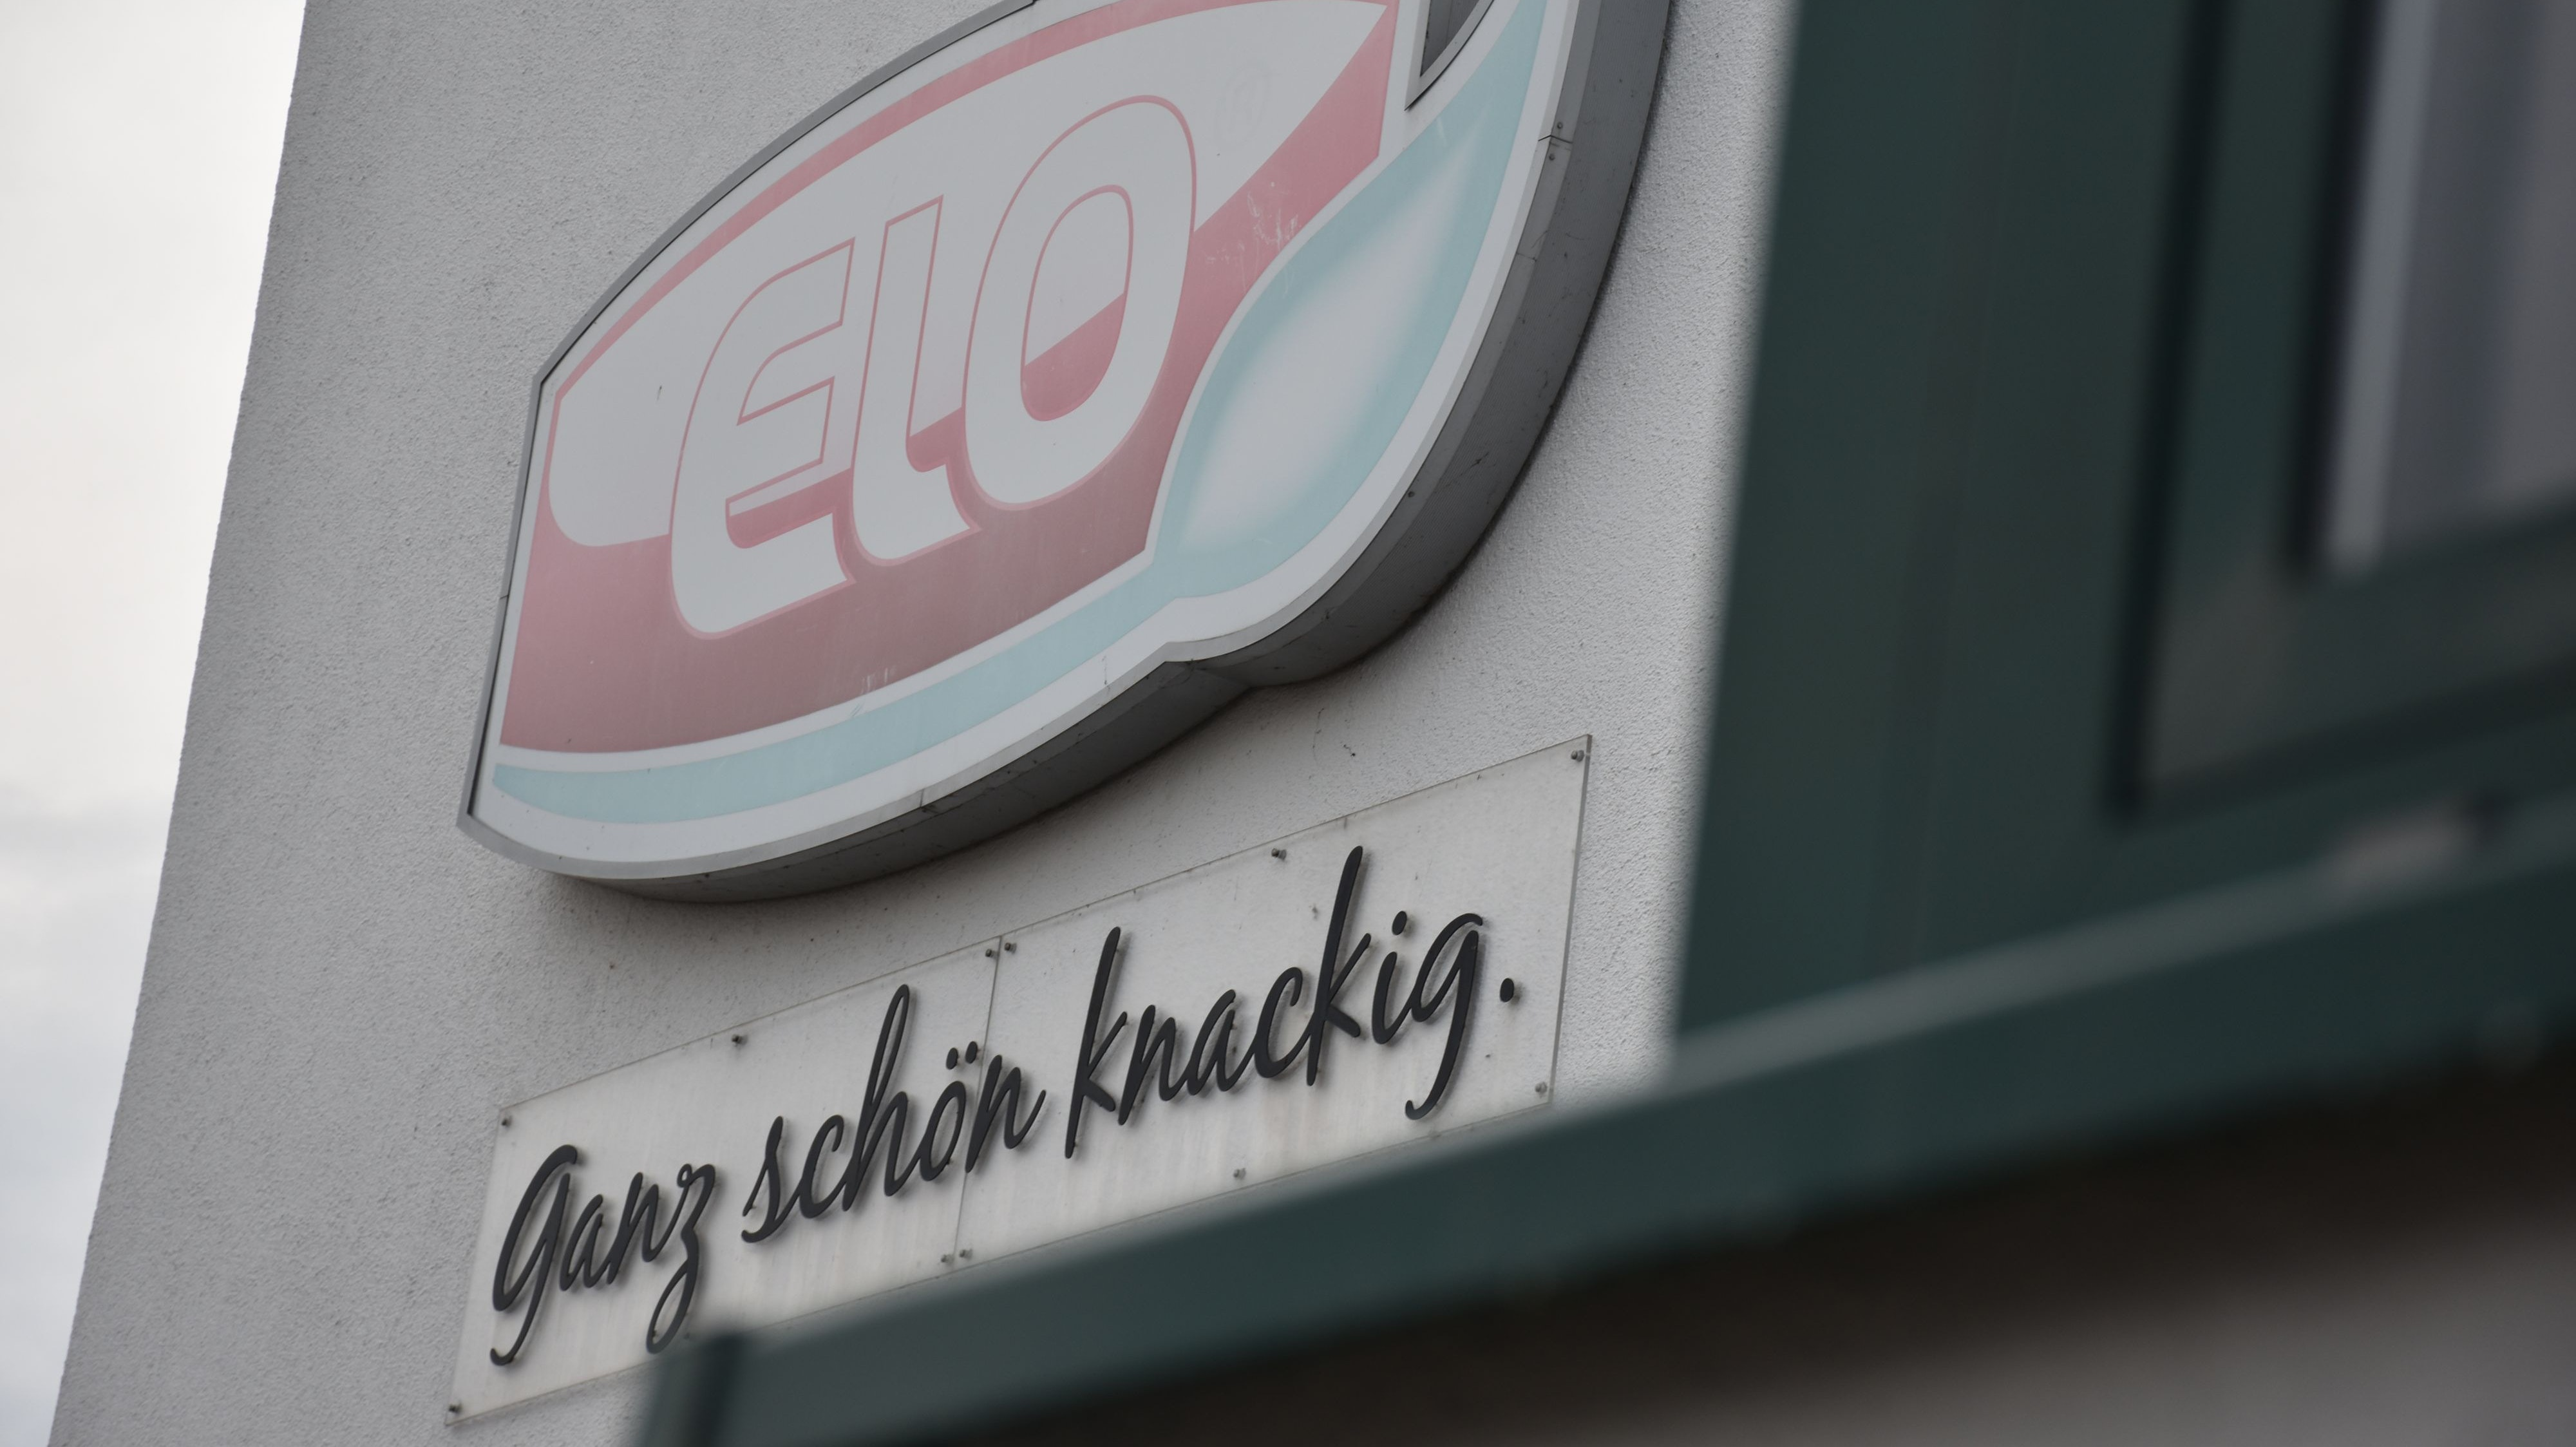 Wollen die gewöhnliche Menge an Grünkohl vertreiben: Das Unternehmen Elo aus Langförden vertreibt unter anderem tiefgekühltes Gemüse und Obst. Foto: M. Meyer